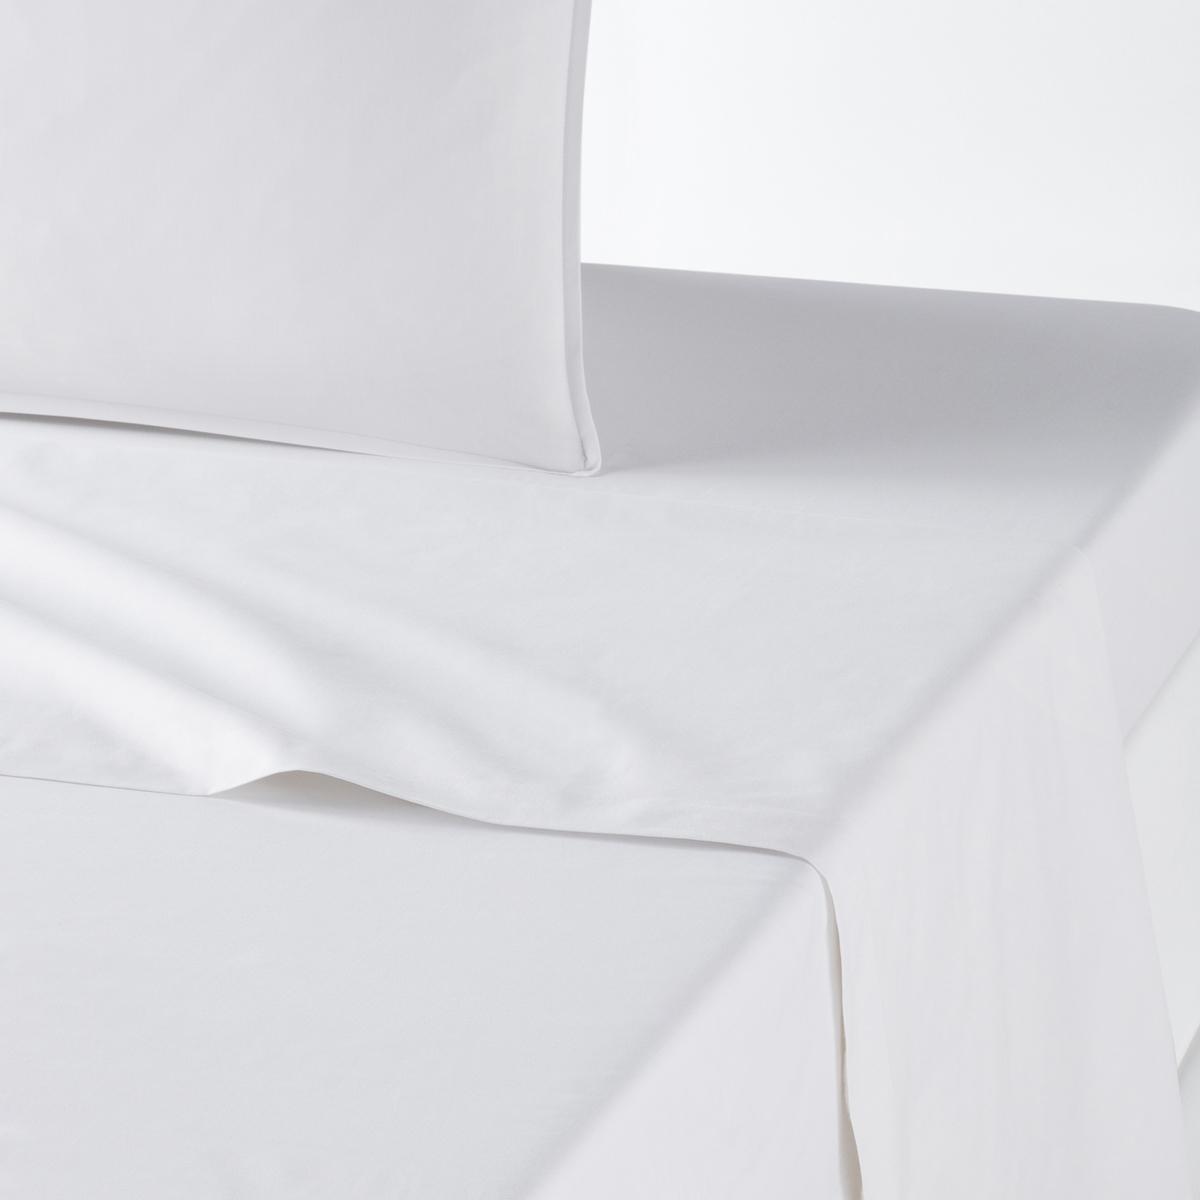 Простыня из хлопковой перкалиОписание:Простыня из хлопковой перкали, биохлопок Качество Qualit? Best. Биохлопок сохраняет окружающую среду и здоровье людей, возделывающих его.   Характеристики простыни:Перкаль 100 % хлопок с плотным переплетением (80 нитей/см?): чем больше нитей/см?, тем выше качество материала.Стирка при 60°.Легкая глажка.Найдите все постельное белье из хлопковой перкали на сайте laredoute.ruРазмеры:180  x 290 см: 1-сп.240 х 290 см: 2-сп.270 x 290 см: 2-спЗнак Oeko-Tex® гарантирует, что товары прошли проверку и были изготовлены без применения вредных для здоровья человека веществ.<br><br>Цвет: белый,светло-серый,сероватый<br>Размер: 180 x 290  см.180 x 290  см.180 x 290  см.240 x 290  см.240 x 290  см